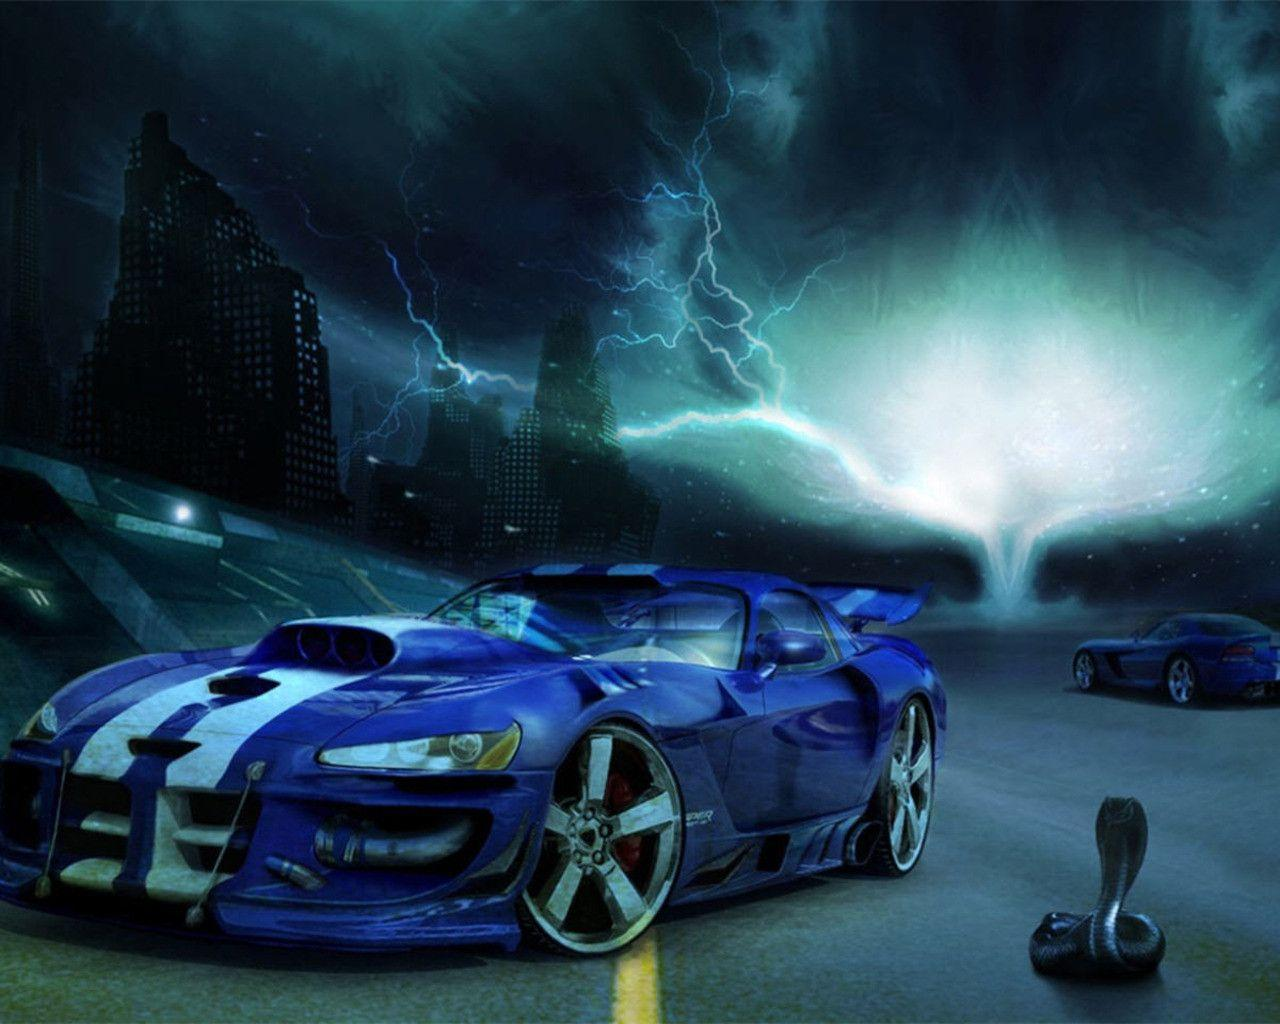 Imagenes De Autos Para Fondo De Pantalla En 3d: Dodge Viper Wallpapers